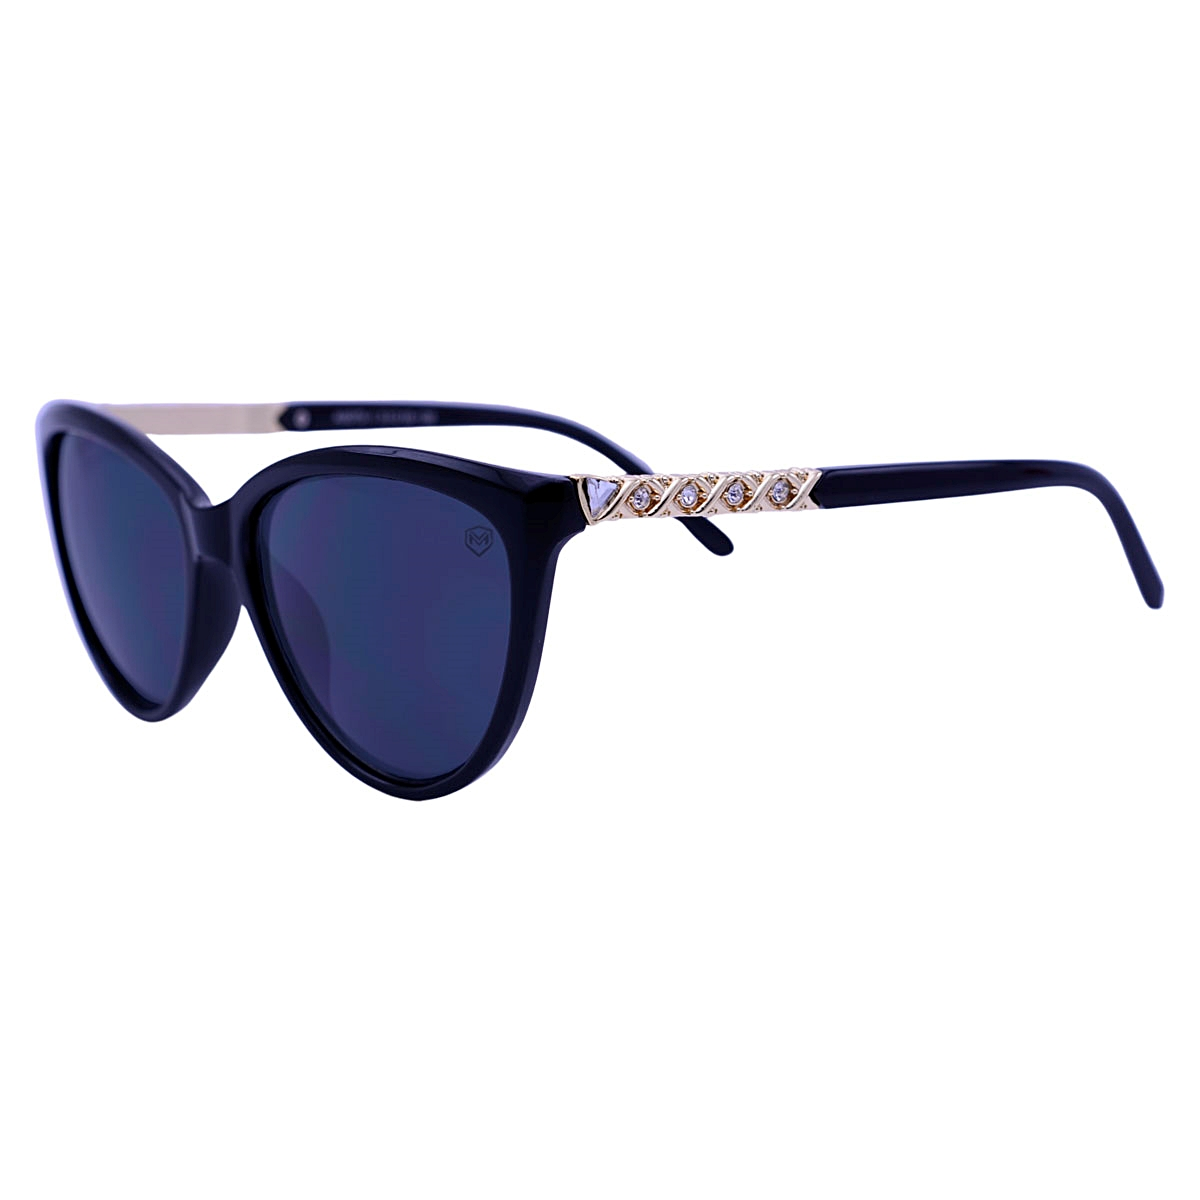 Óculos De Sol Mackage Feminino Acetato Gateado - Preto